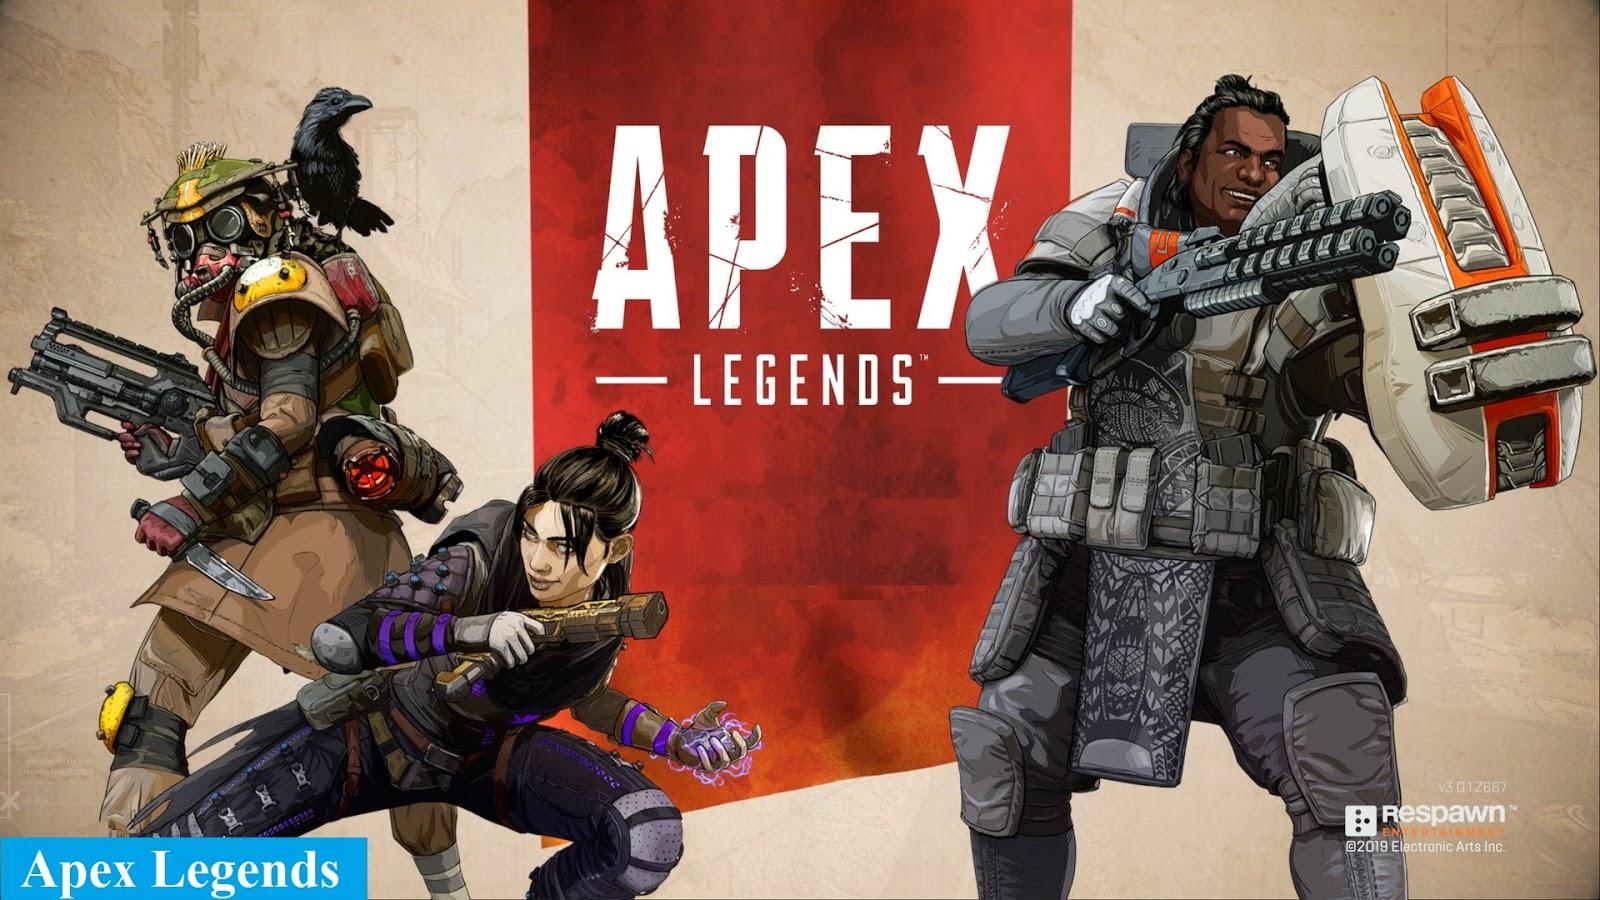 لعبة apex legends للكمبيوتر